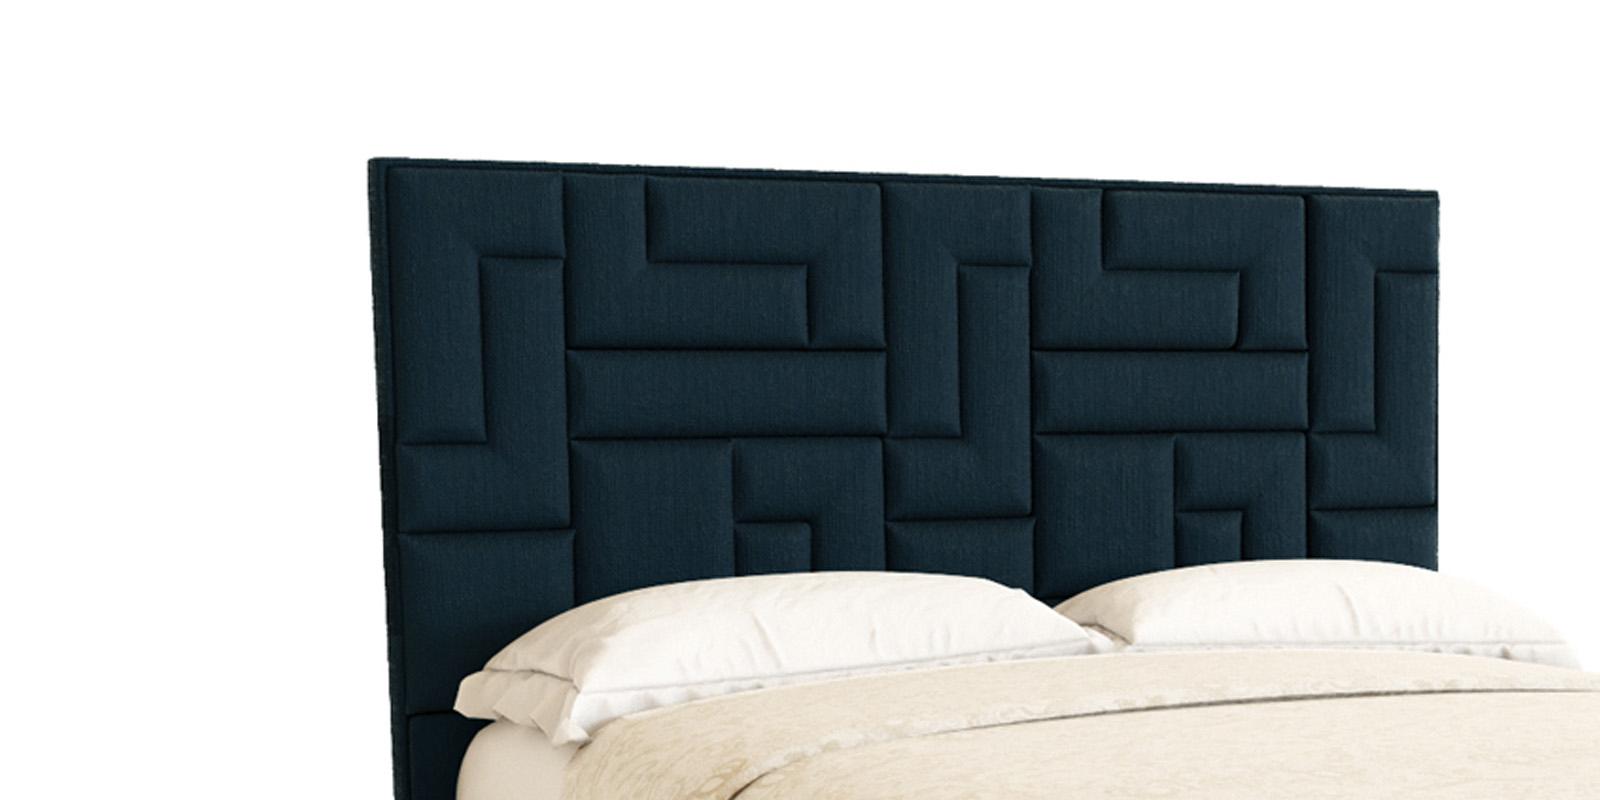 Мягкая кровать 200х140 Логика с подъемным механизмом (темно-синий)